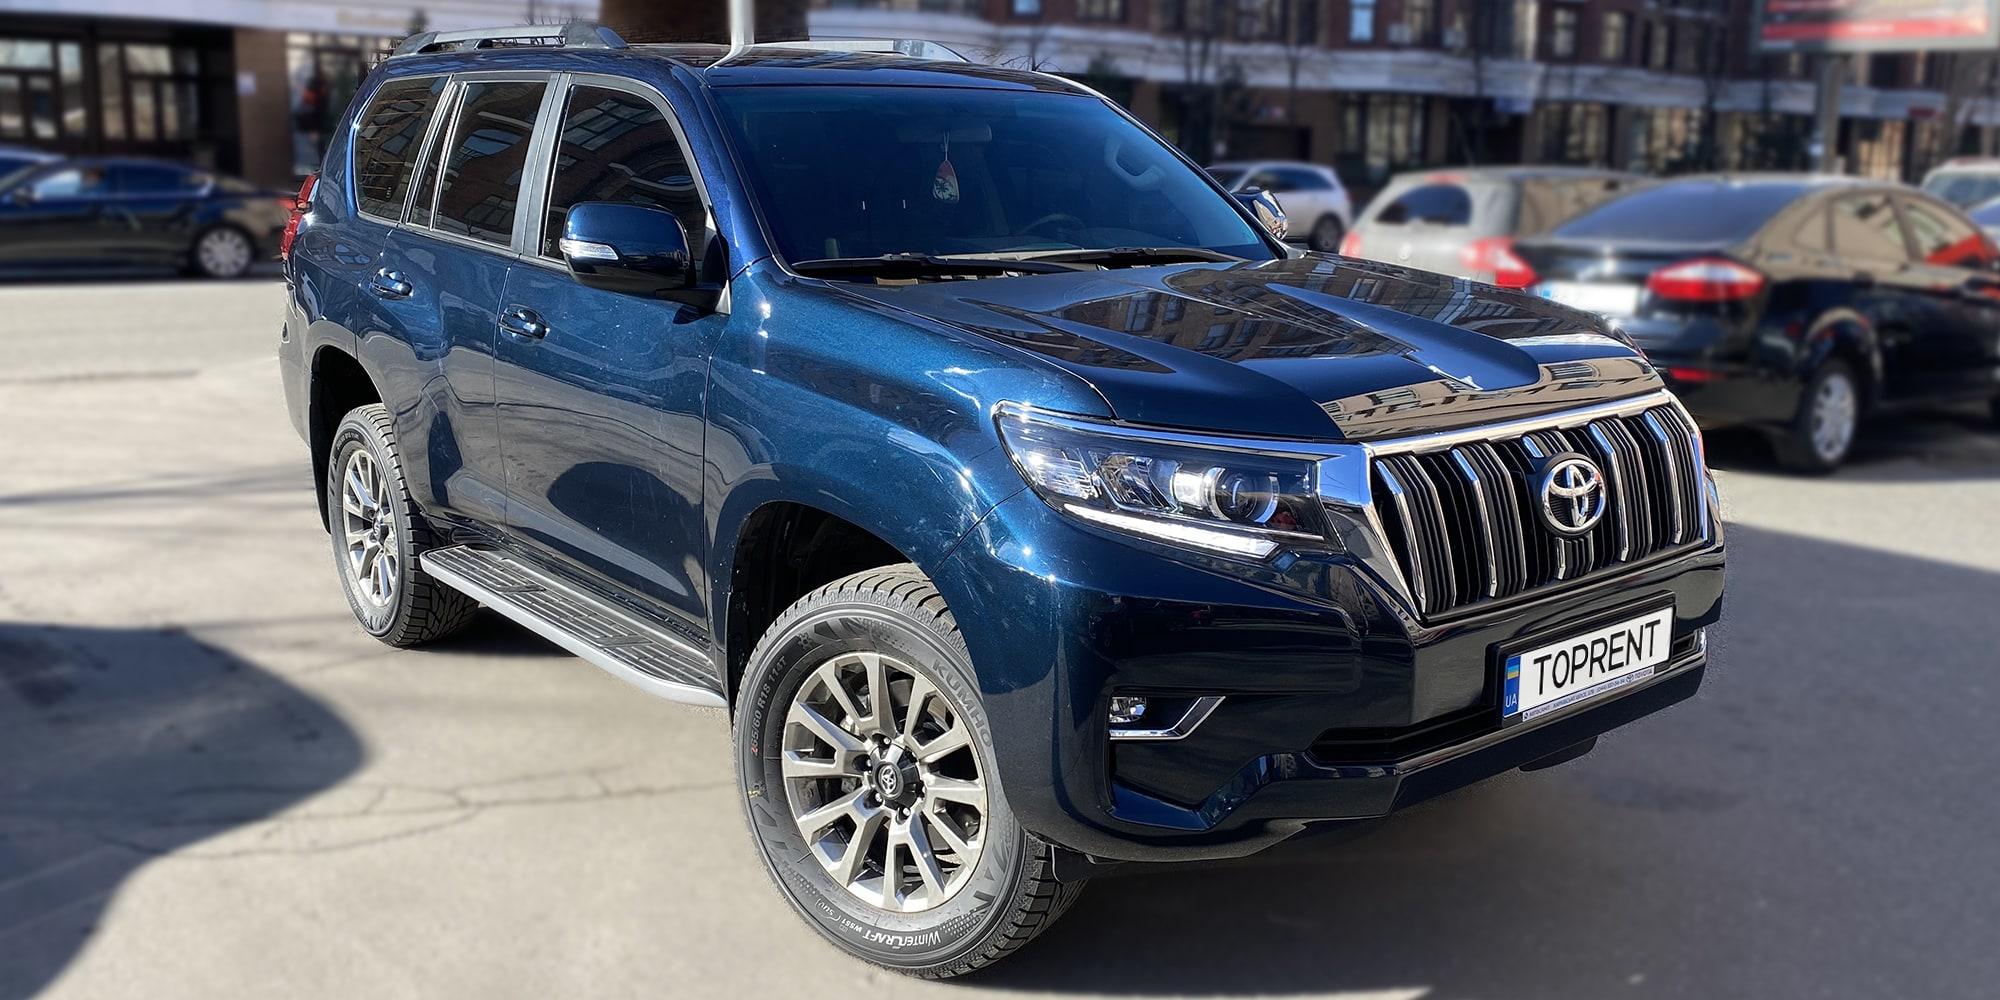 Toyota-Land-Cruiser-150-Prado-TopRent.UA-4